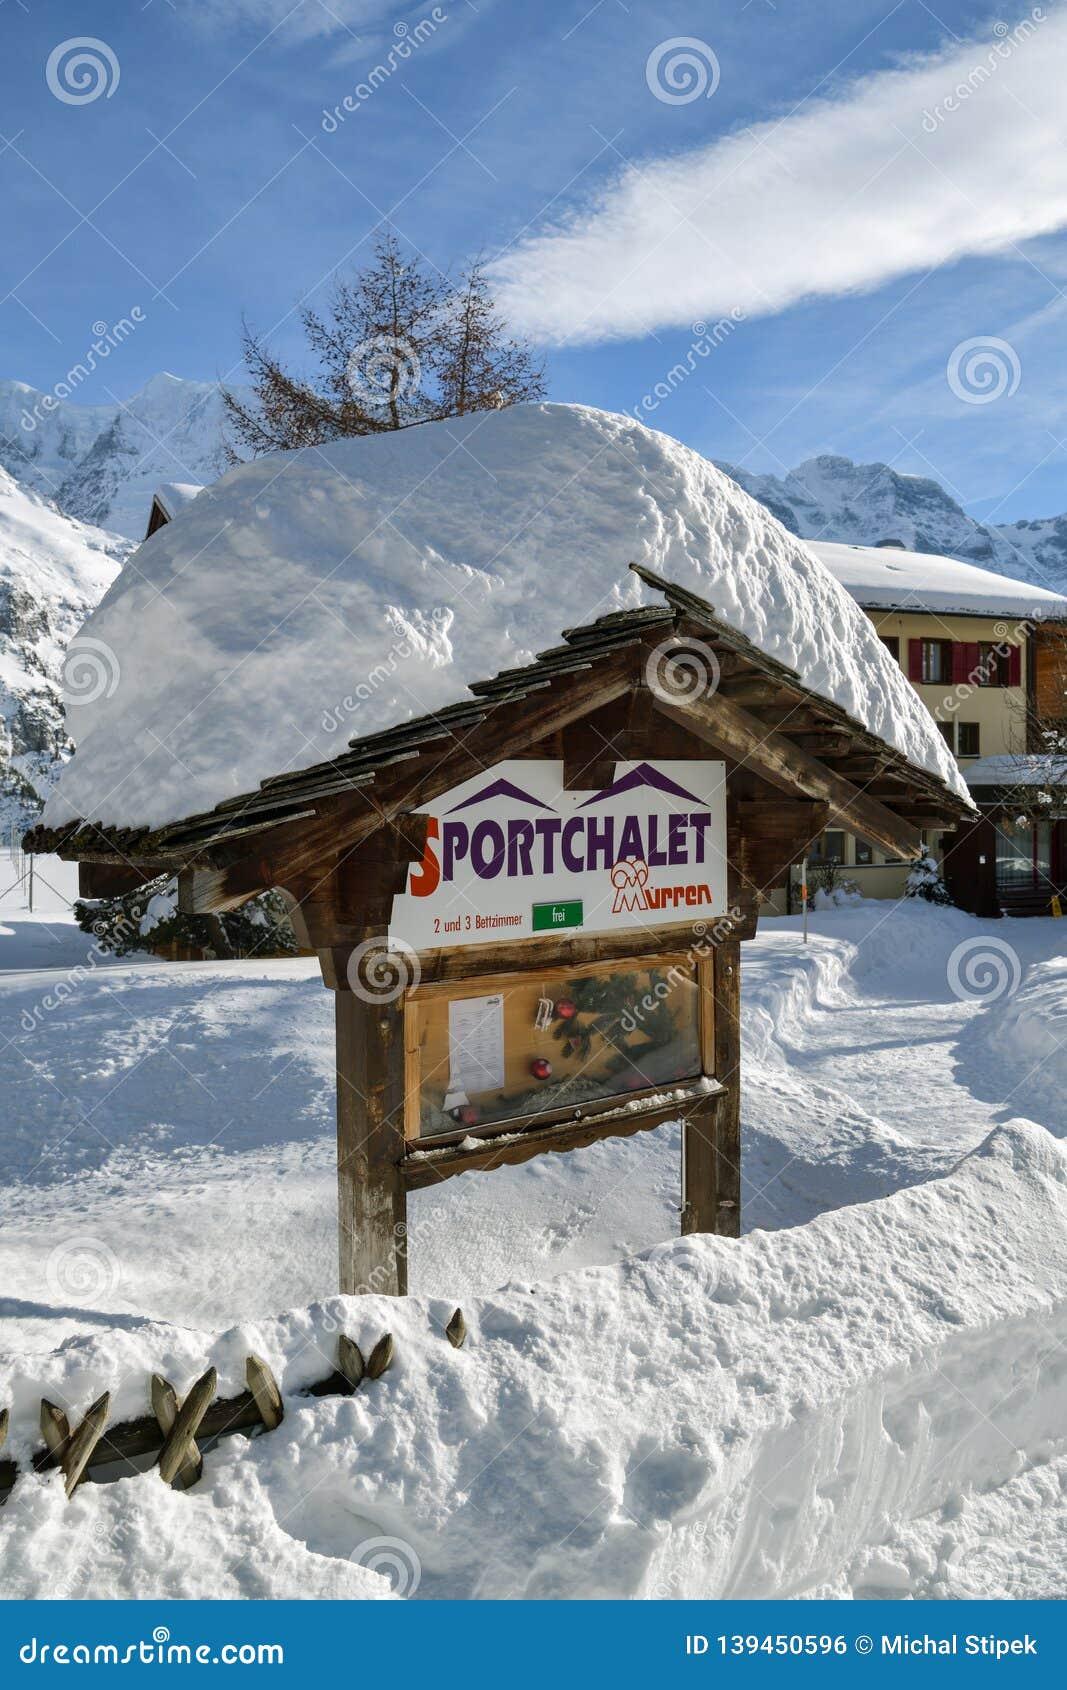 Informationsbrett abgedeckt durch starke Schneeschicht im Bergdorf von Murren